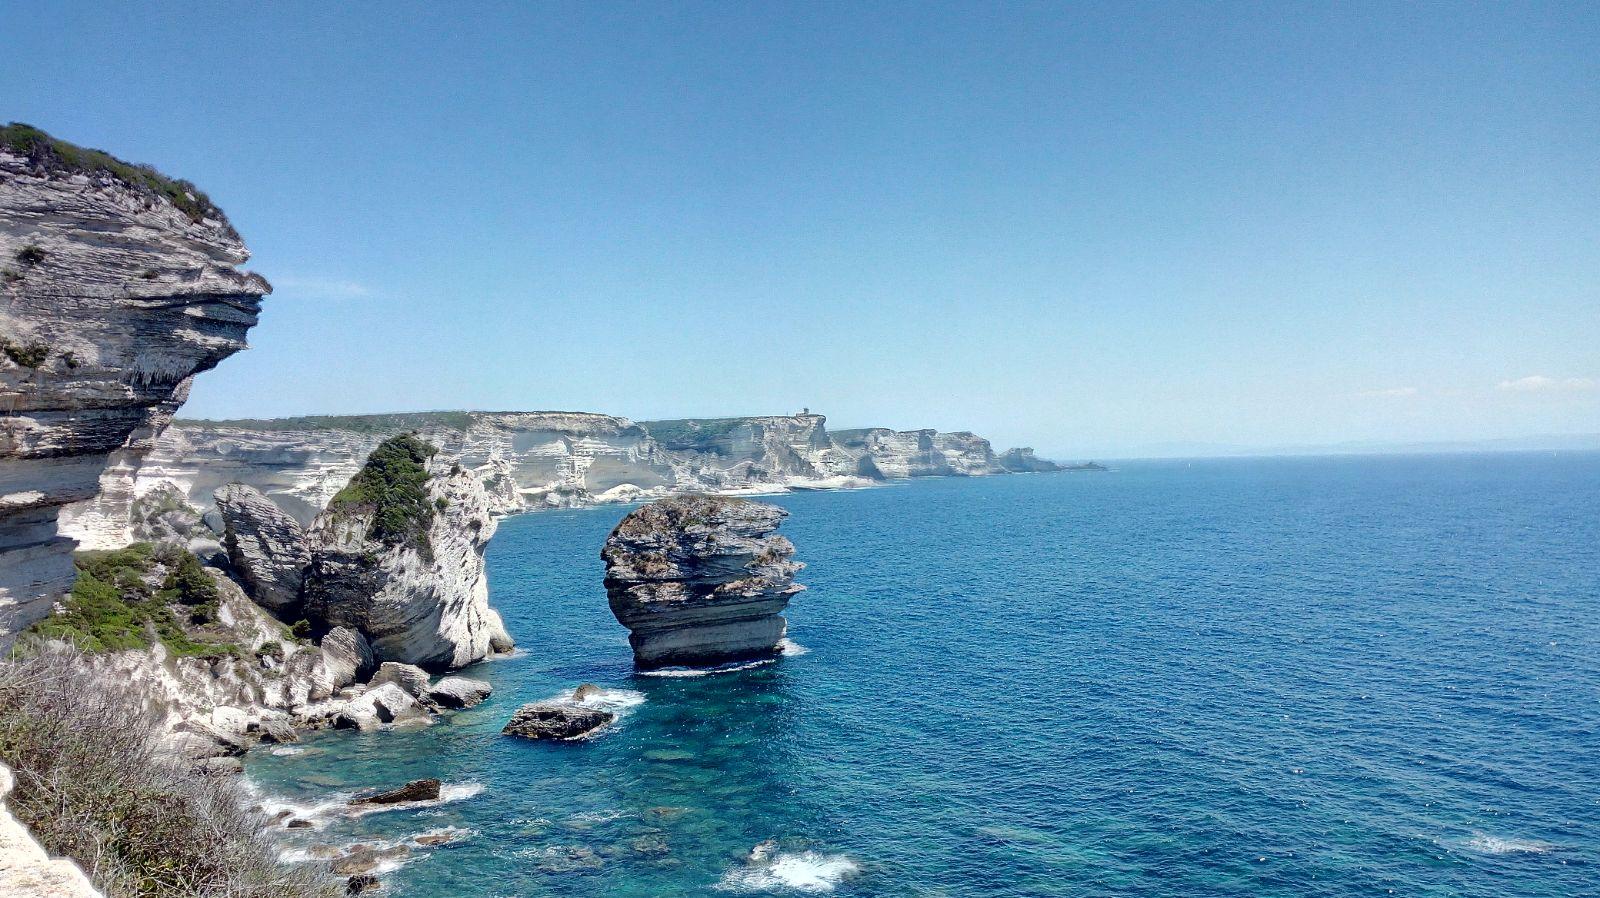 Rugged Sardinia coastline